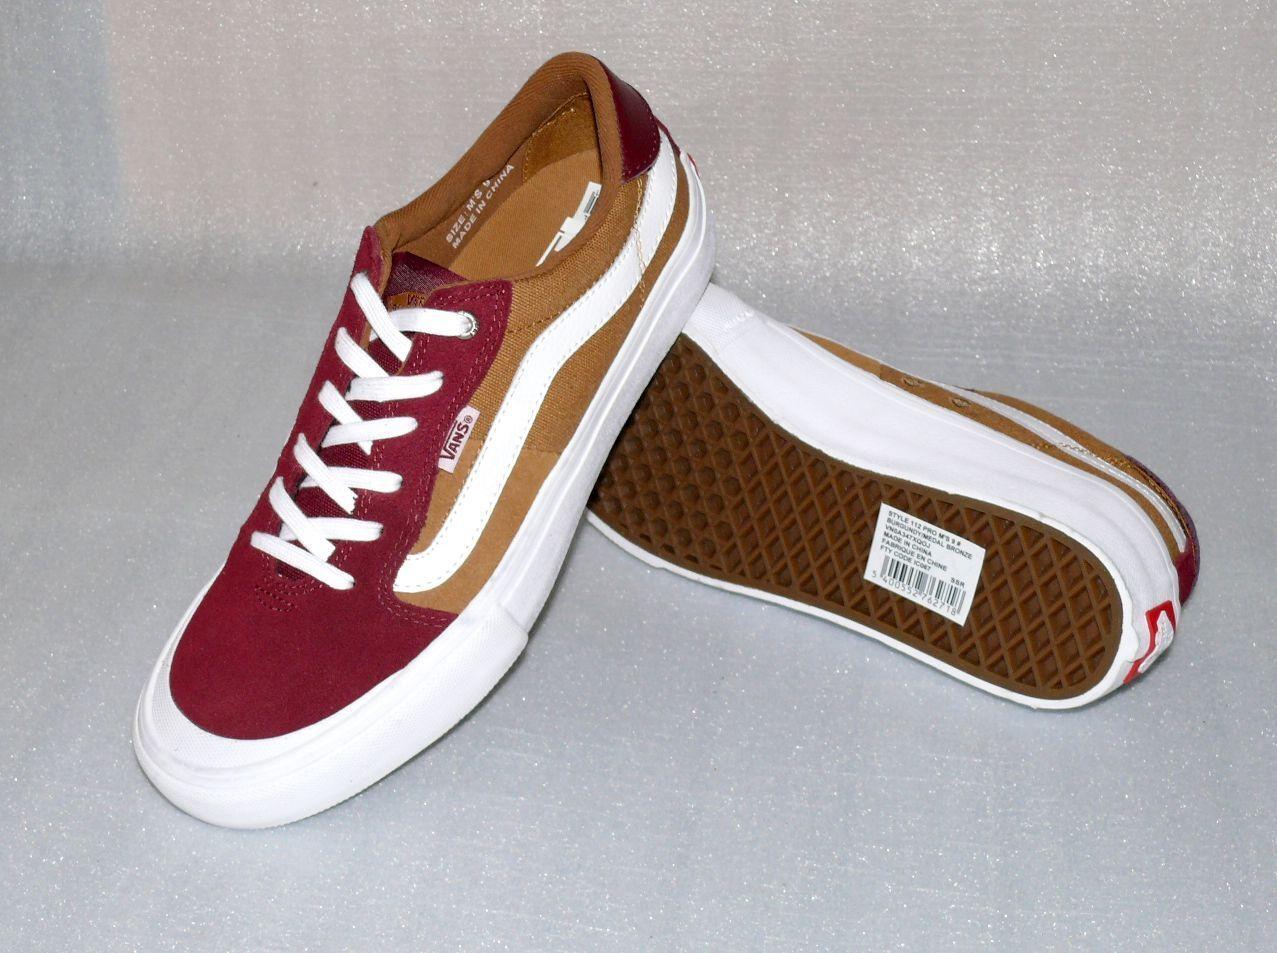 Vans Style 112 Pro Rauleder Herren Schuhe Freizeit Turnschuhe 42 US9 Burgundy Weiß